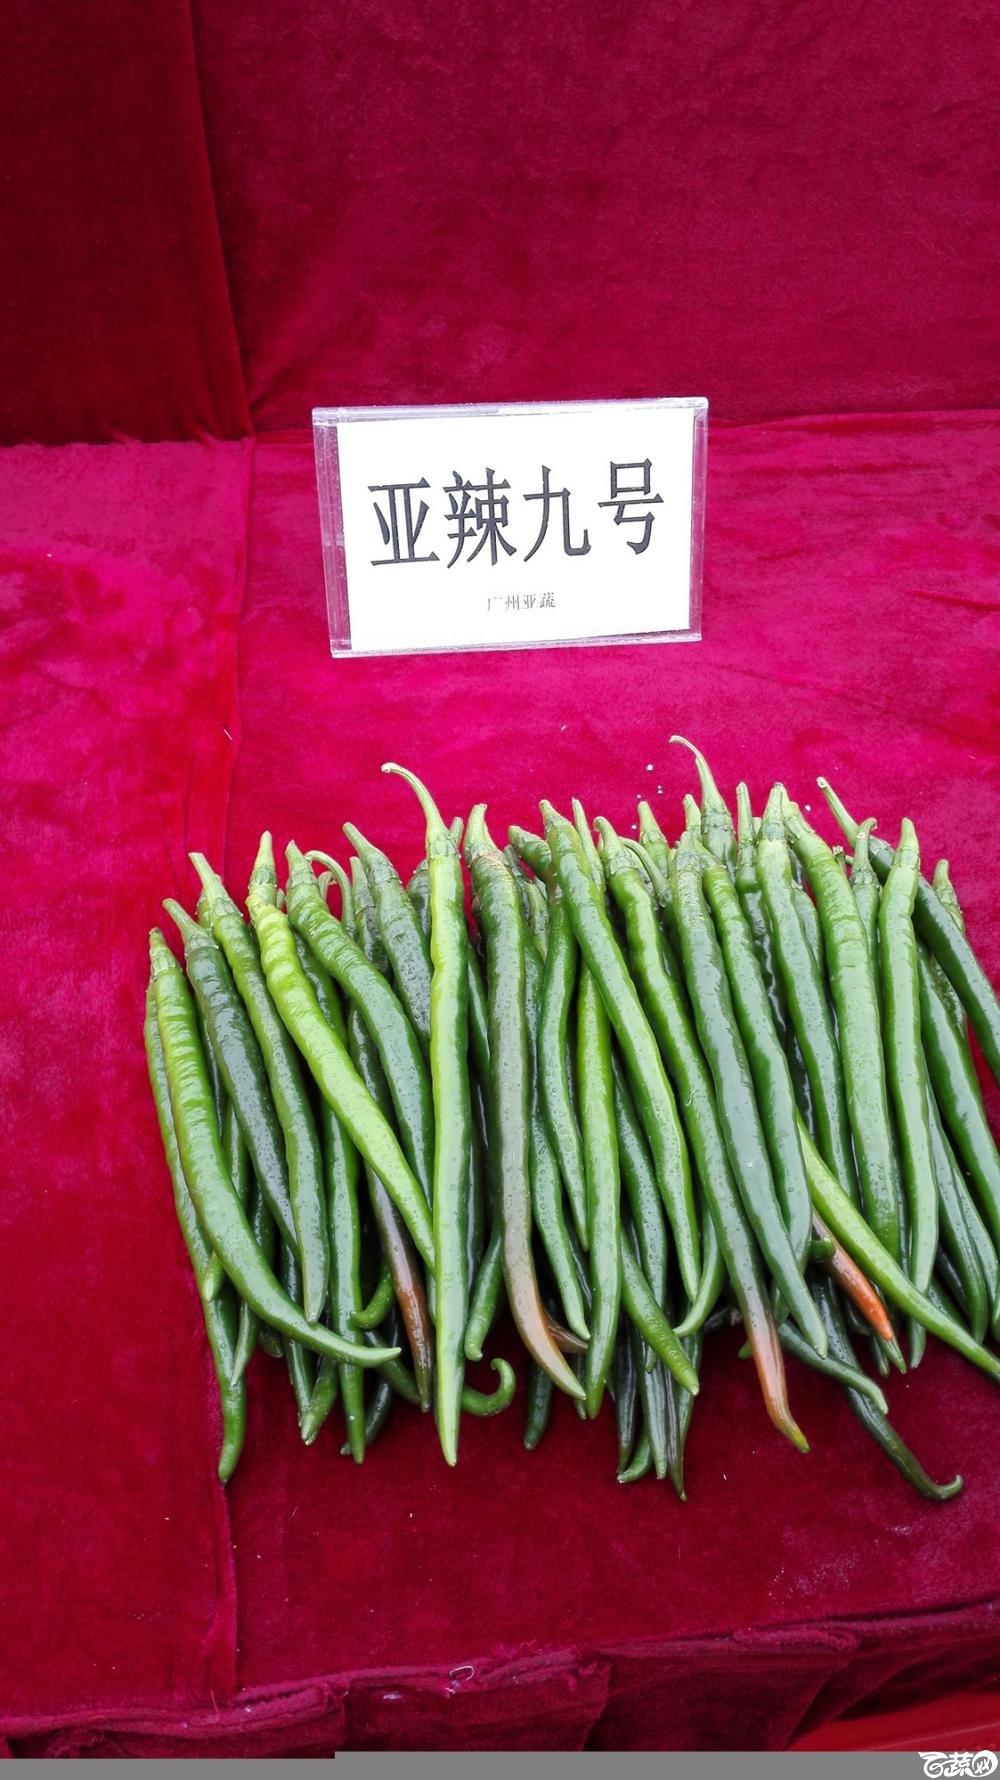 2014年12月8号中山蔬菜新品种展示会_辣椒_001.jpg